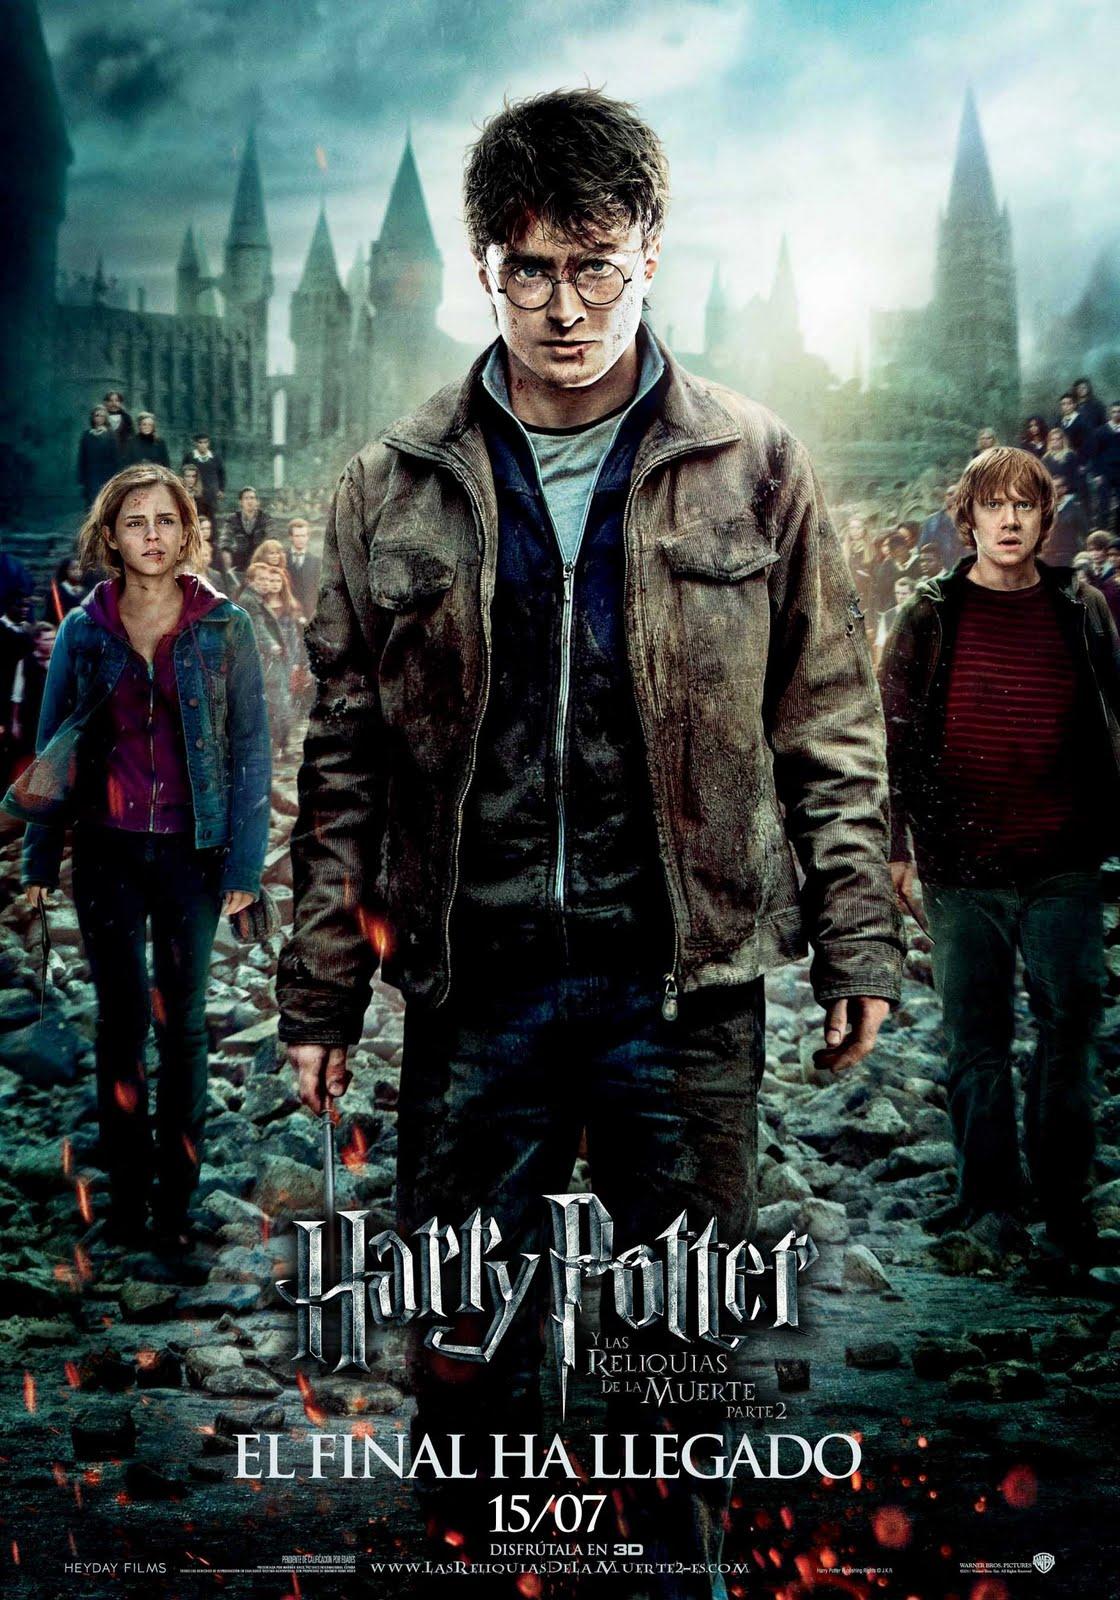 Harry Potter y Las Reliquias de la Muerte Parte 2 (2011)